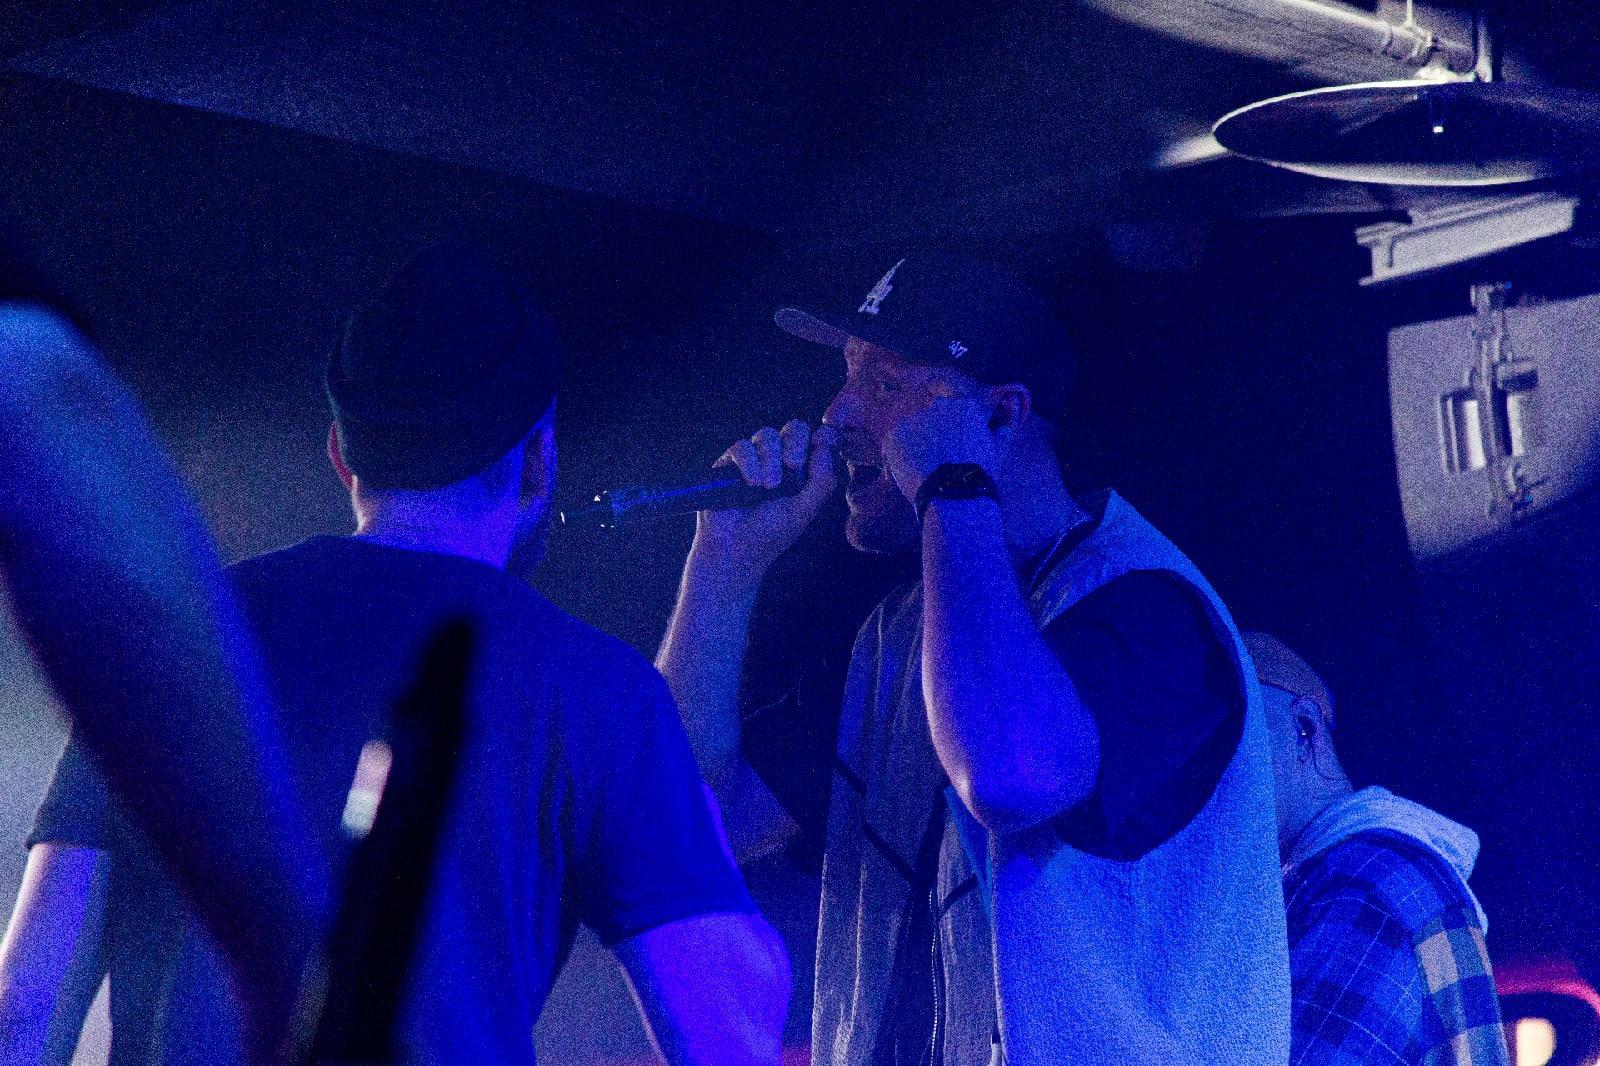 фото «Какие-то типы качают головой в ритм»: группа «Каста» выступила в Новосибирске – 10 фото с долгожданного концерта 7